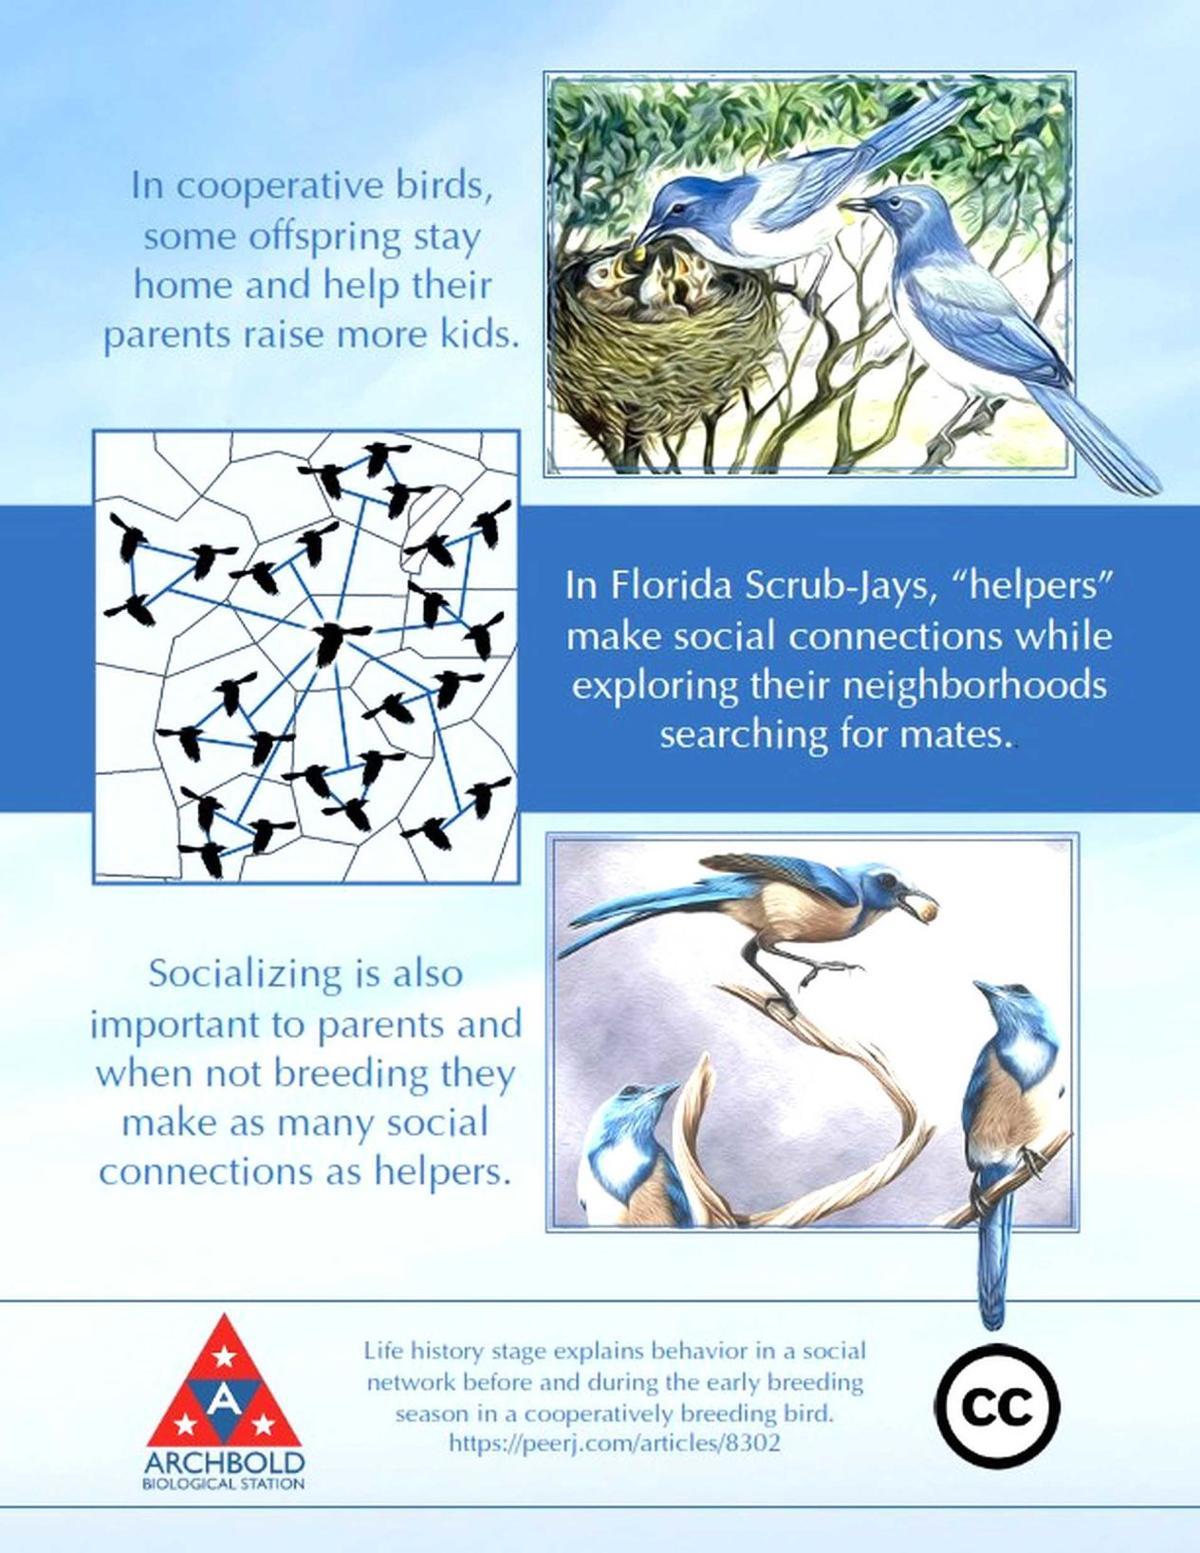 Archbold scrub-jay graphic